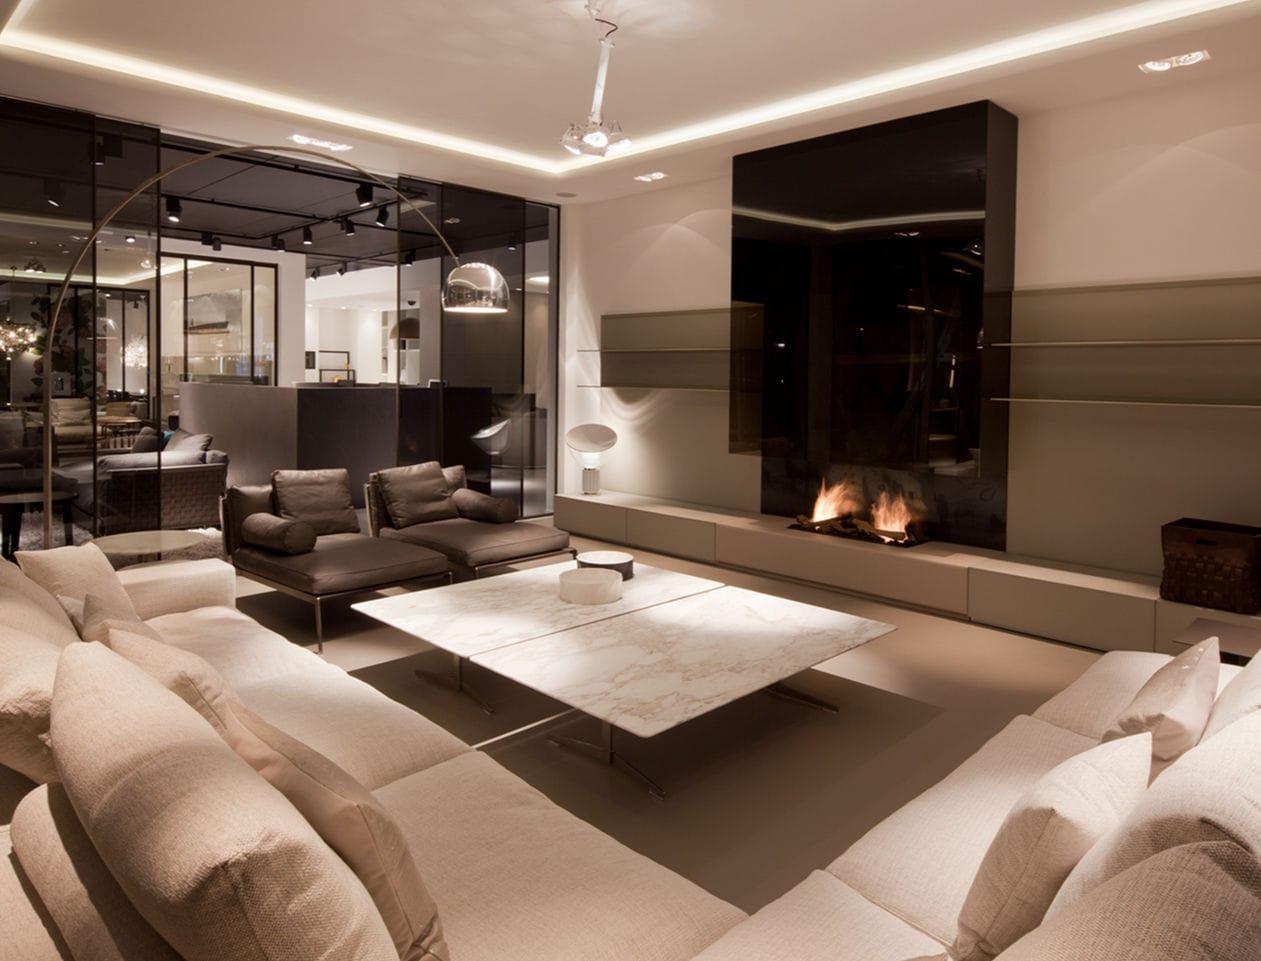 Beautiful Soggiorni Moderni Con Camino Images - House Design Ideas ...